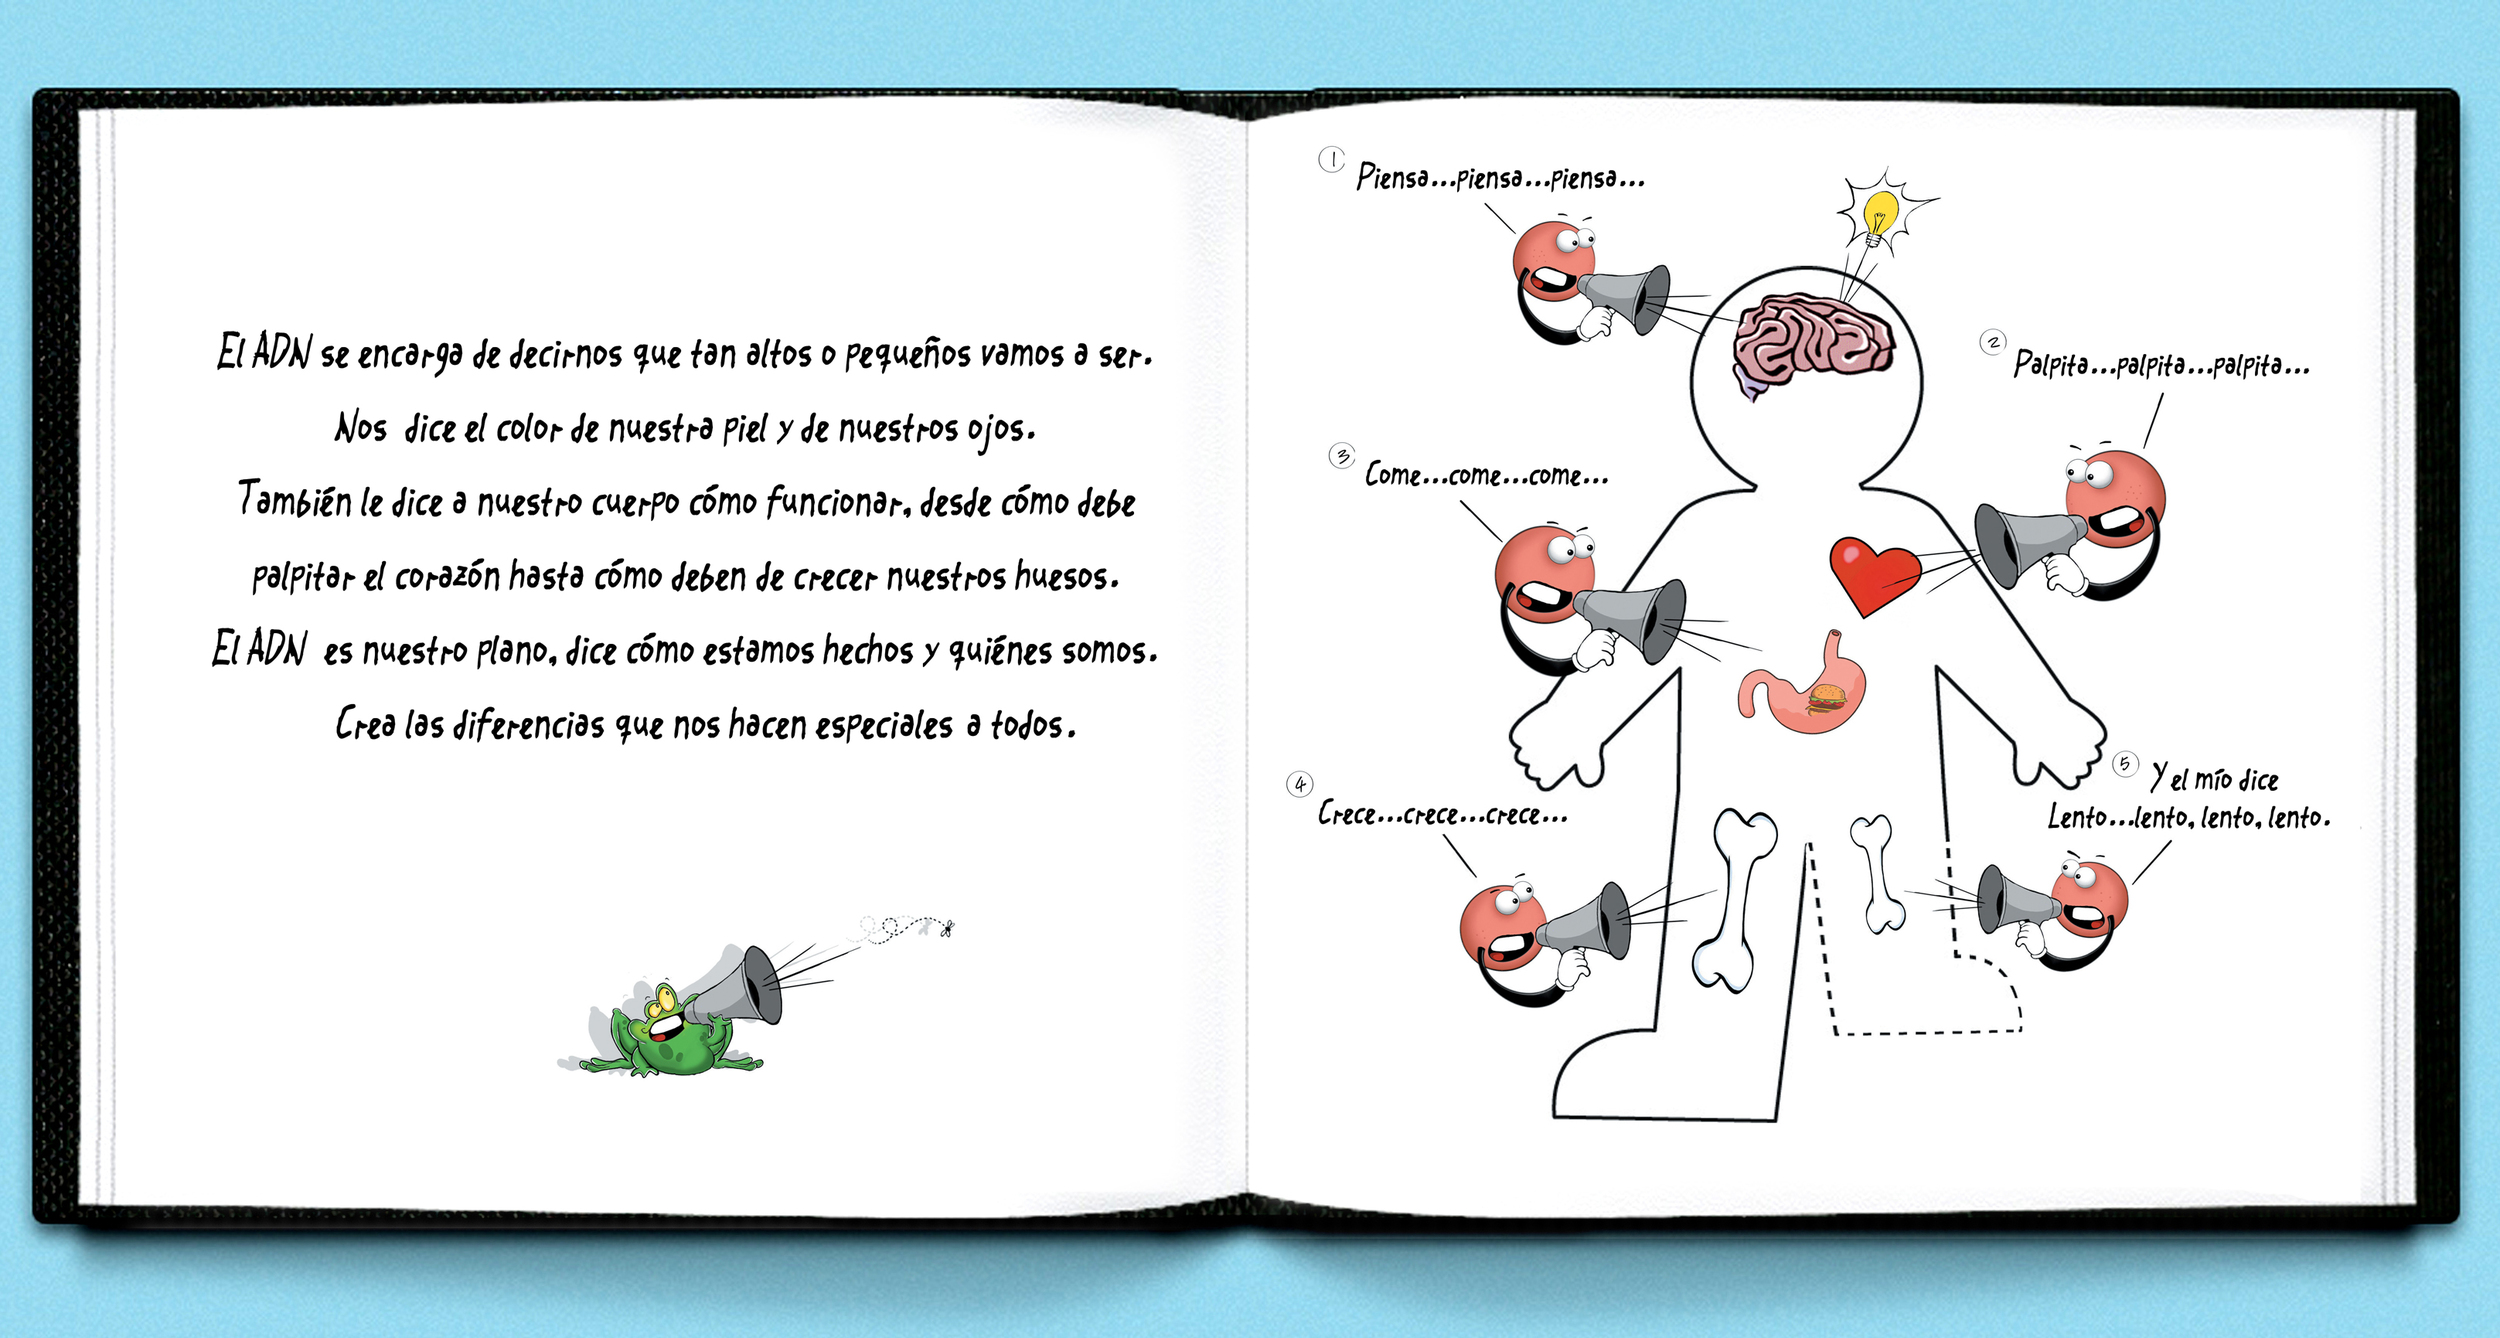 BOOK UD Span 12.jpg